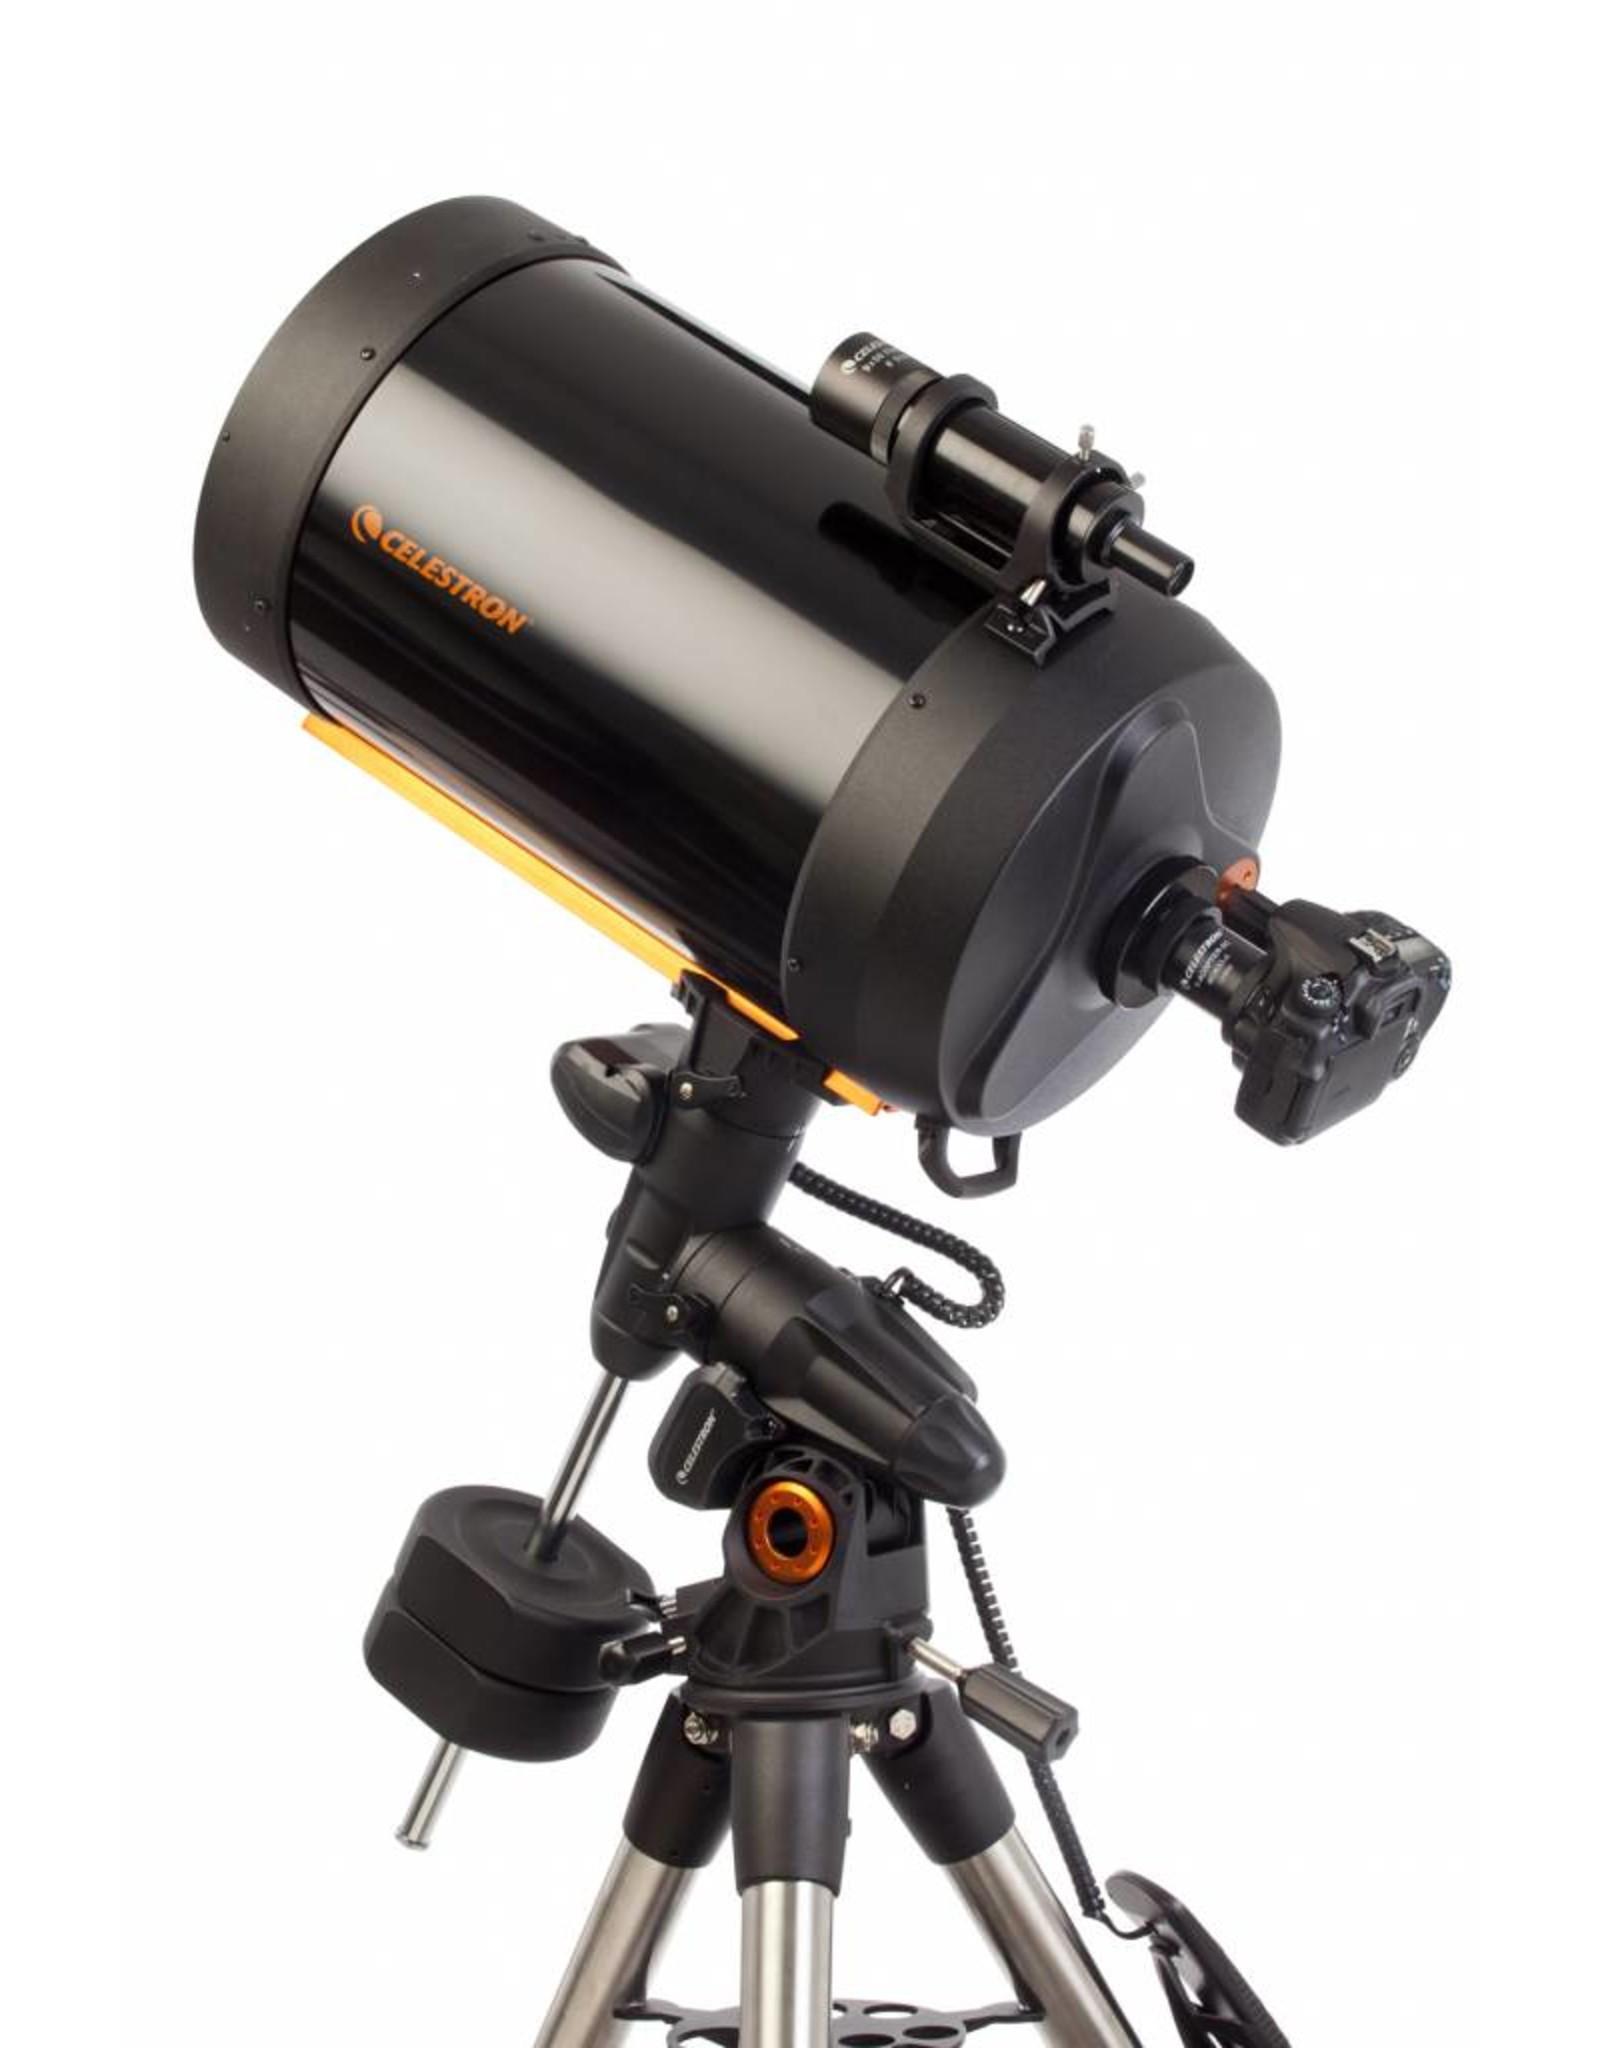 Celestron Celestron T-Adapter for Schmidt-Cassegrain Telescopes